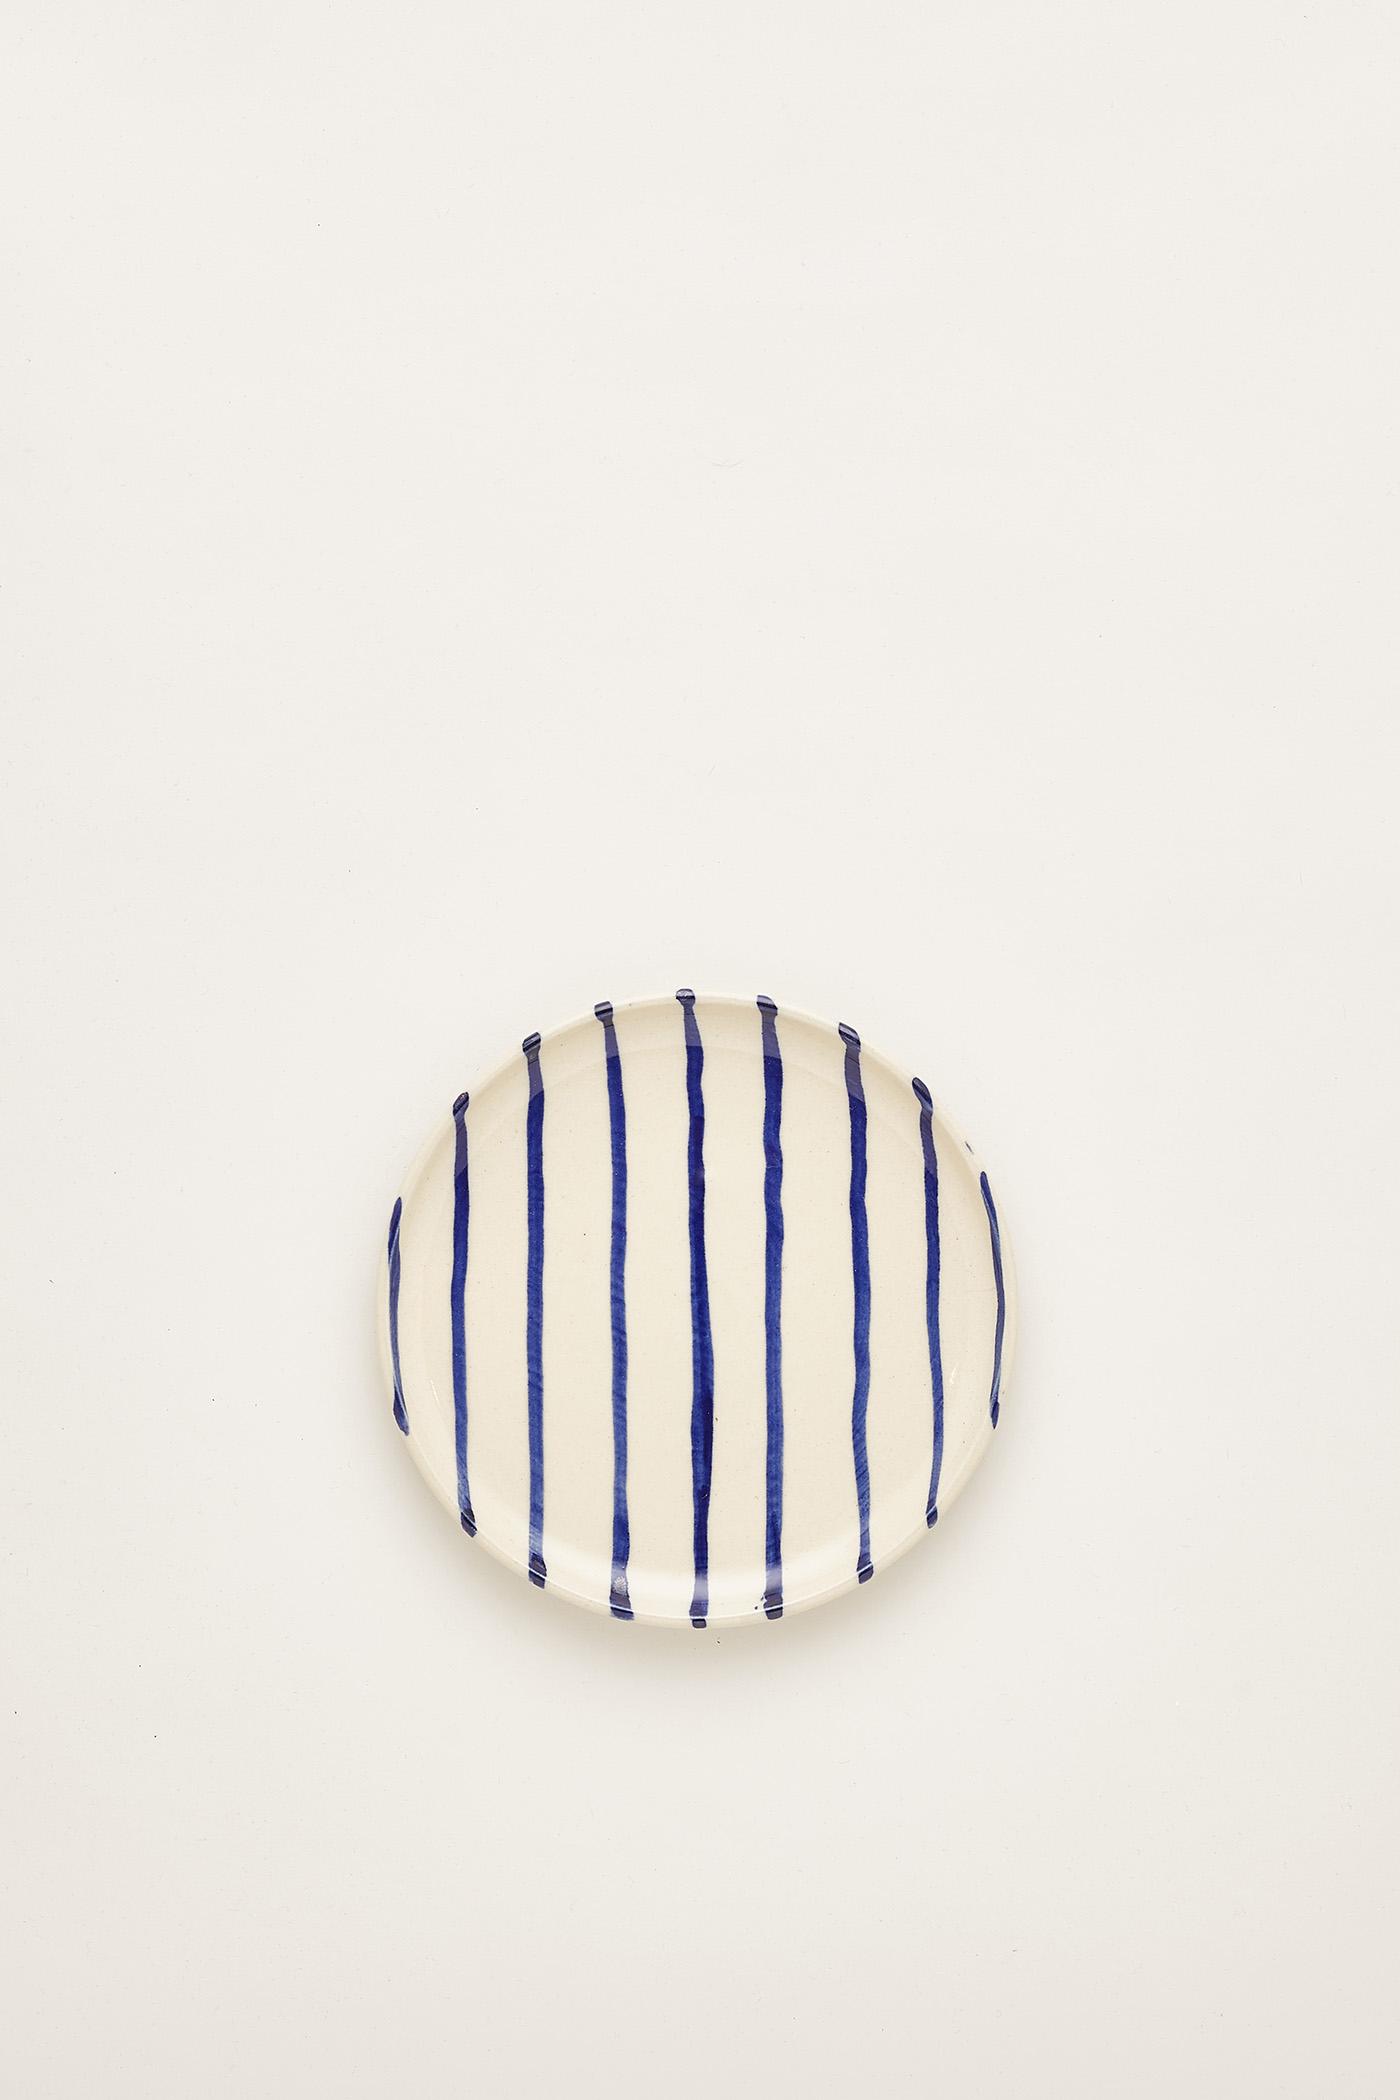 Tuhu Ceramics Medium Plate